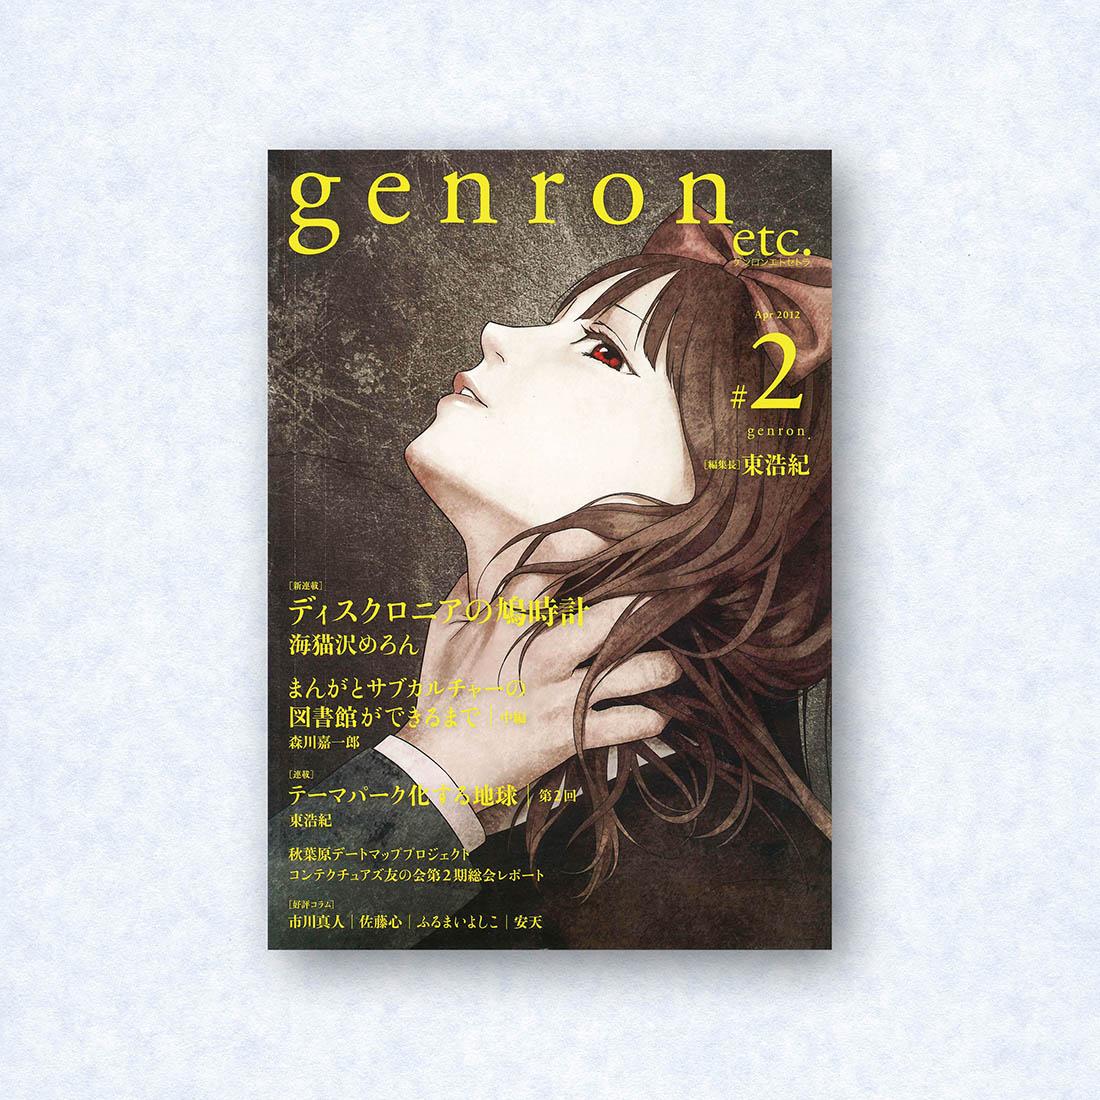 ゲンロンエトセトラ #2